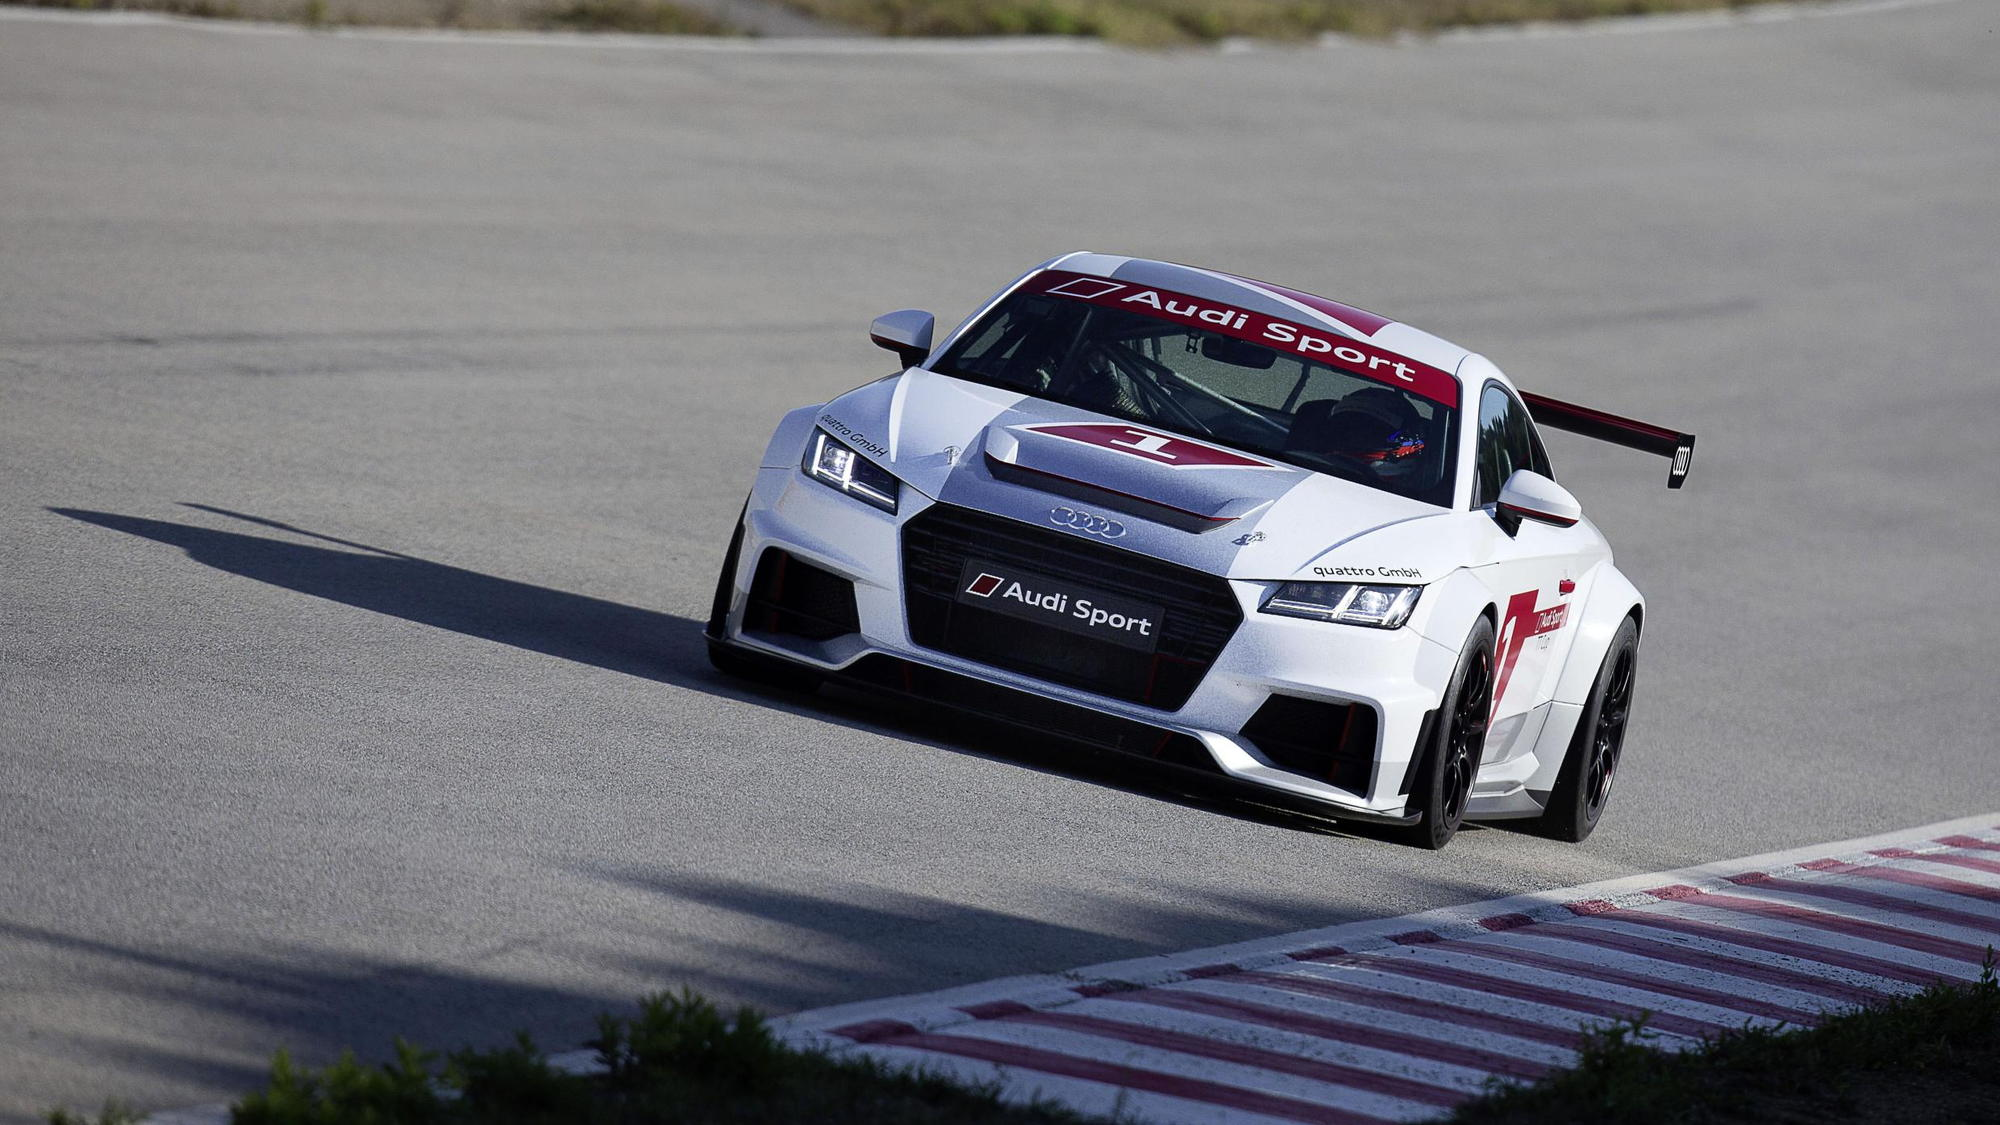 2015 Audi Sport TT Cup race car